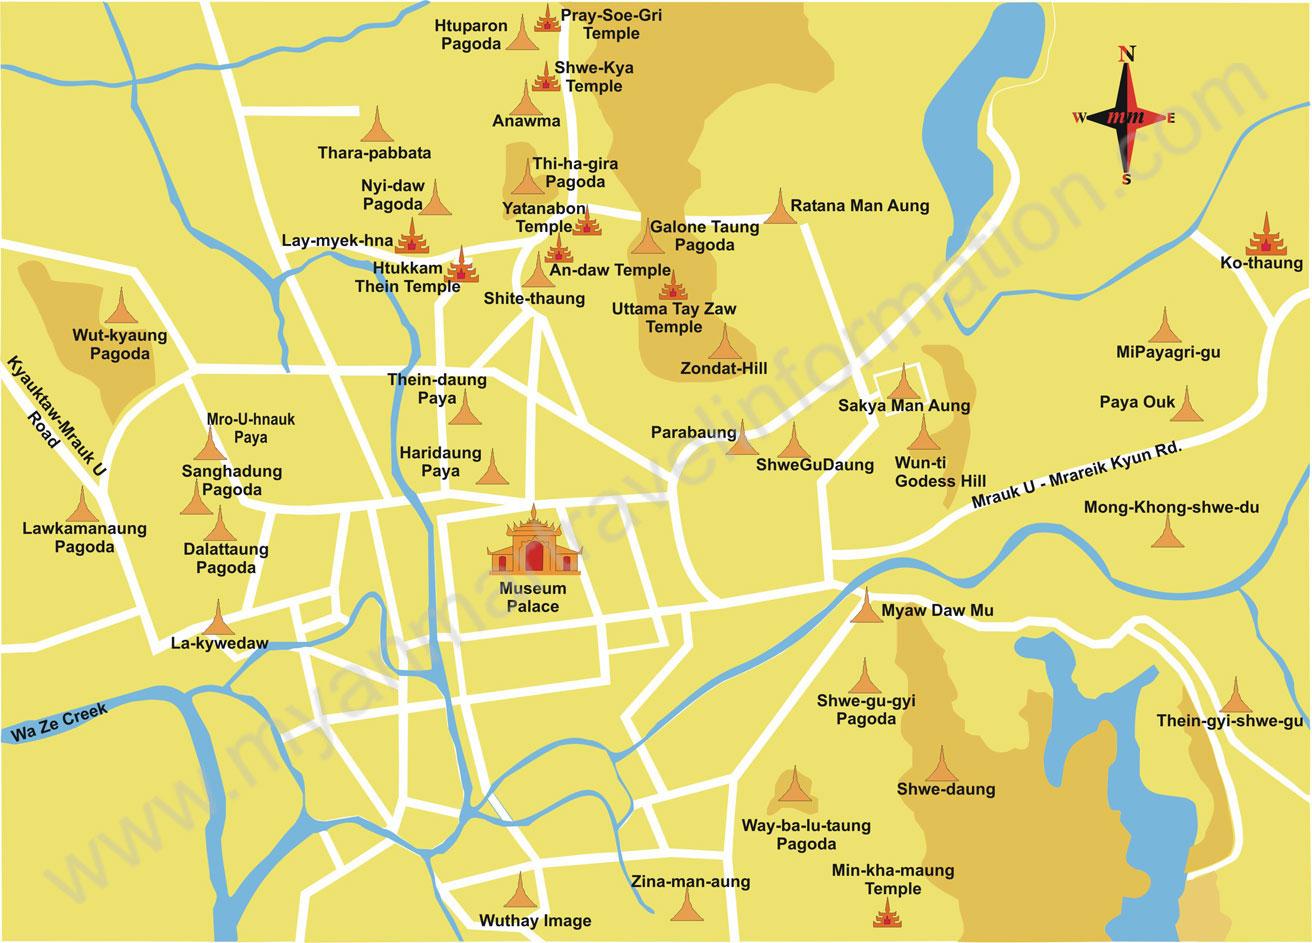 Карта основных достопримечательностей Мраук-У